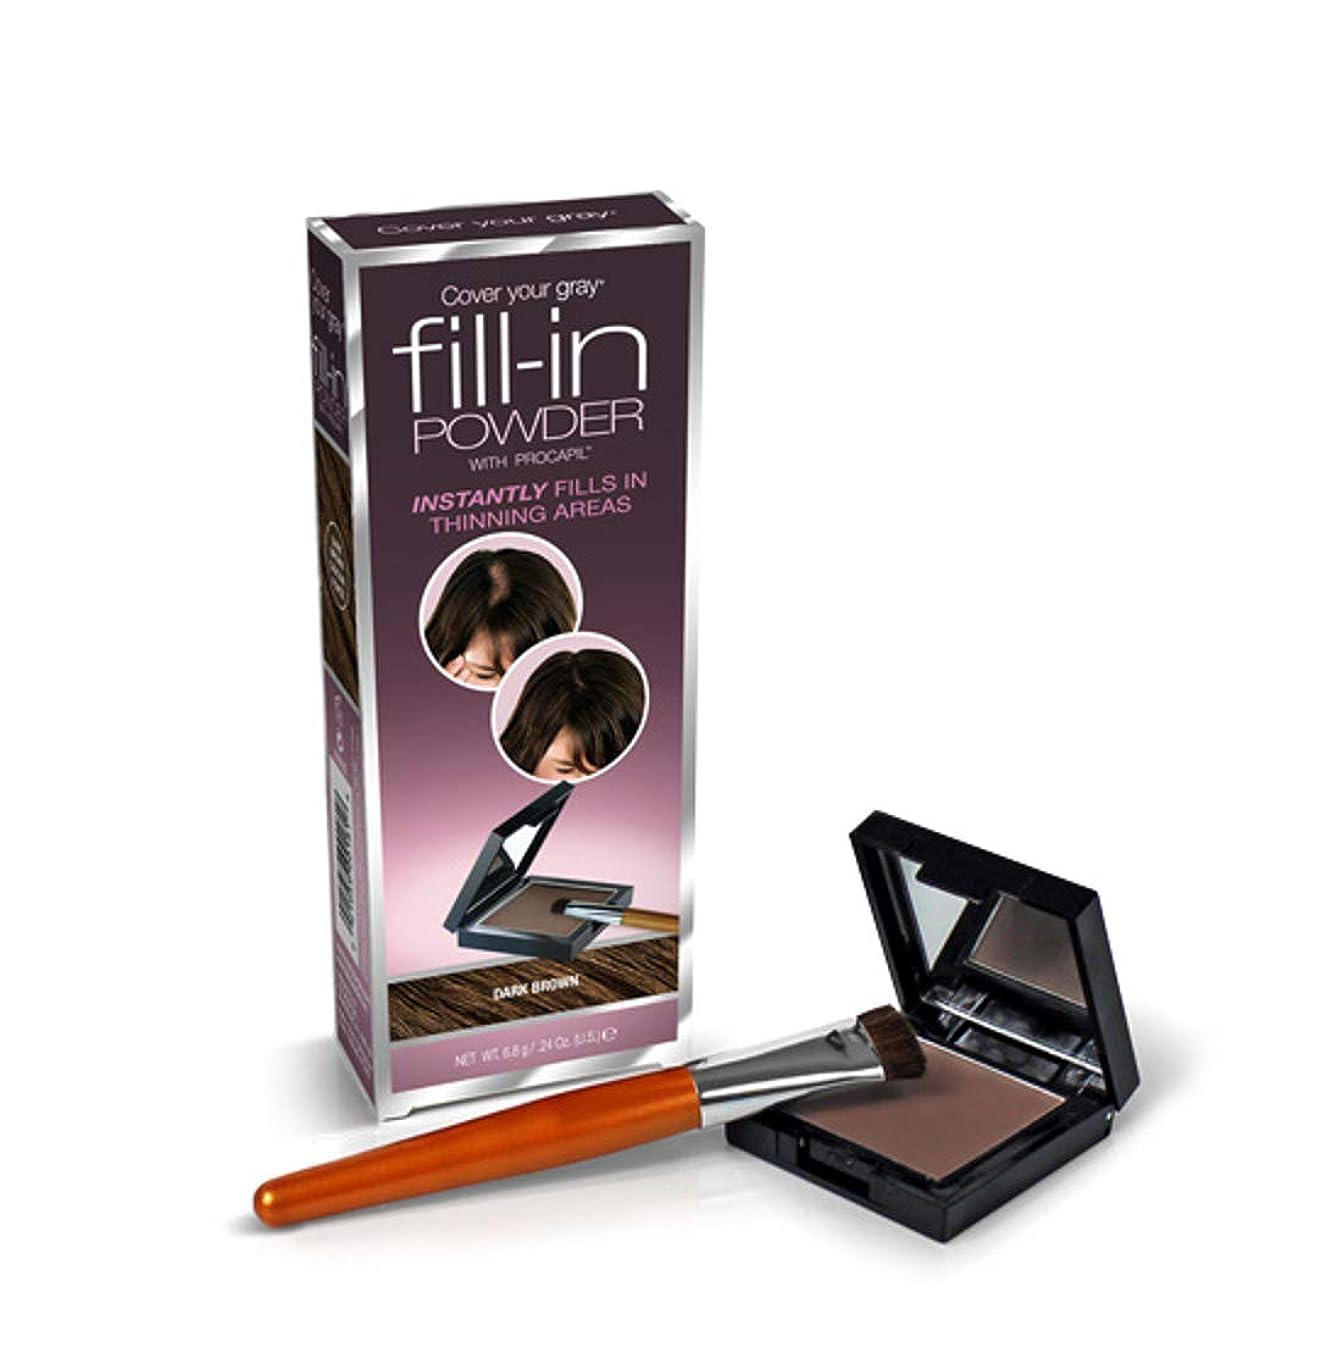 時々時々ズームインする任意Cover Your Gray Fill In Powder for women Instant Touch Up DARK BROWN by FILL-IN